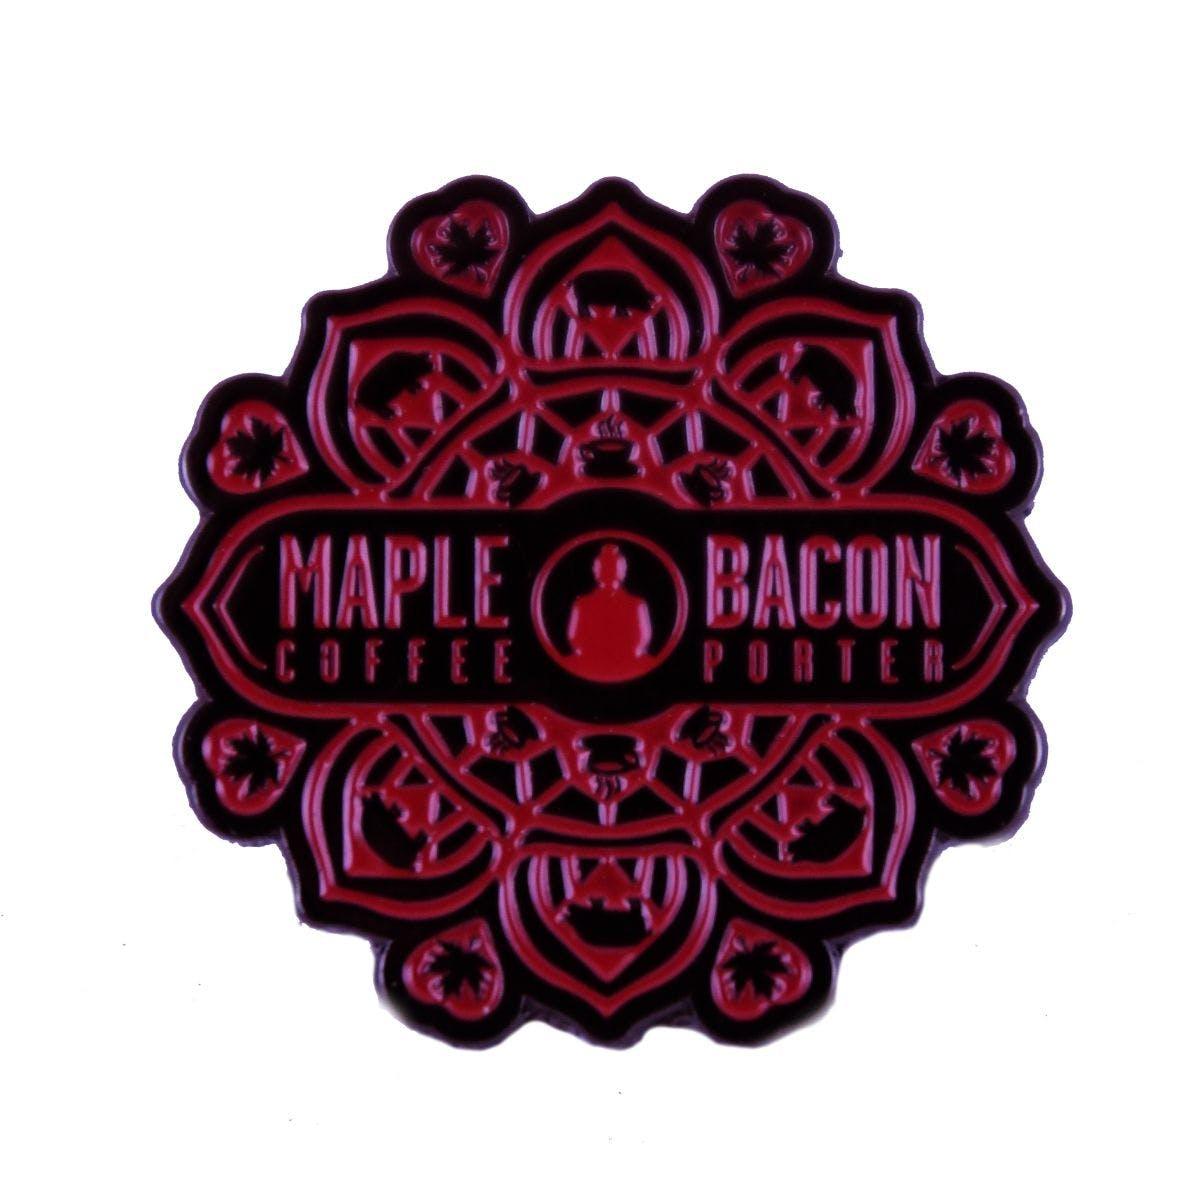 Maple Bacon Coffee Porter Pin